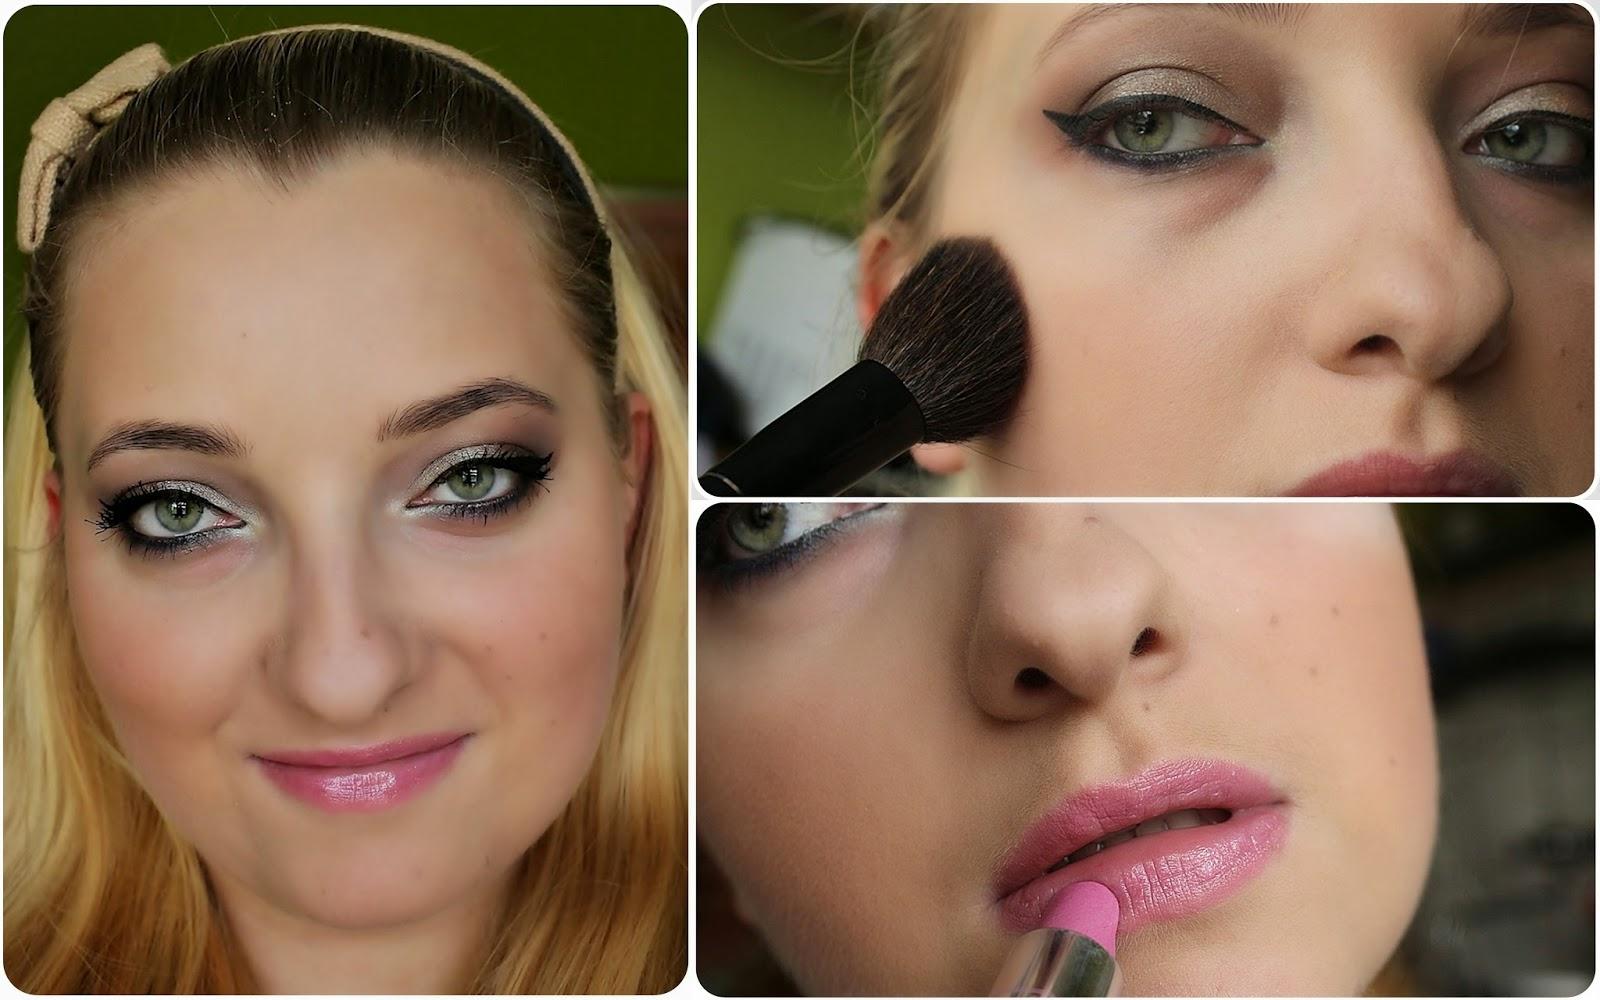 szkoła makijażu wieczorowy zakochana w kolorkach